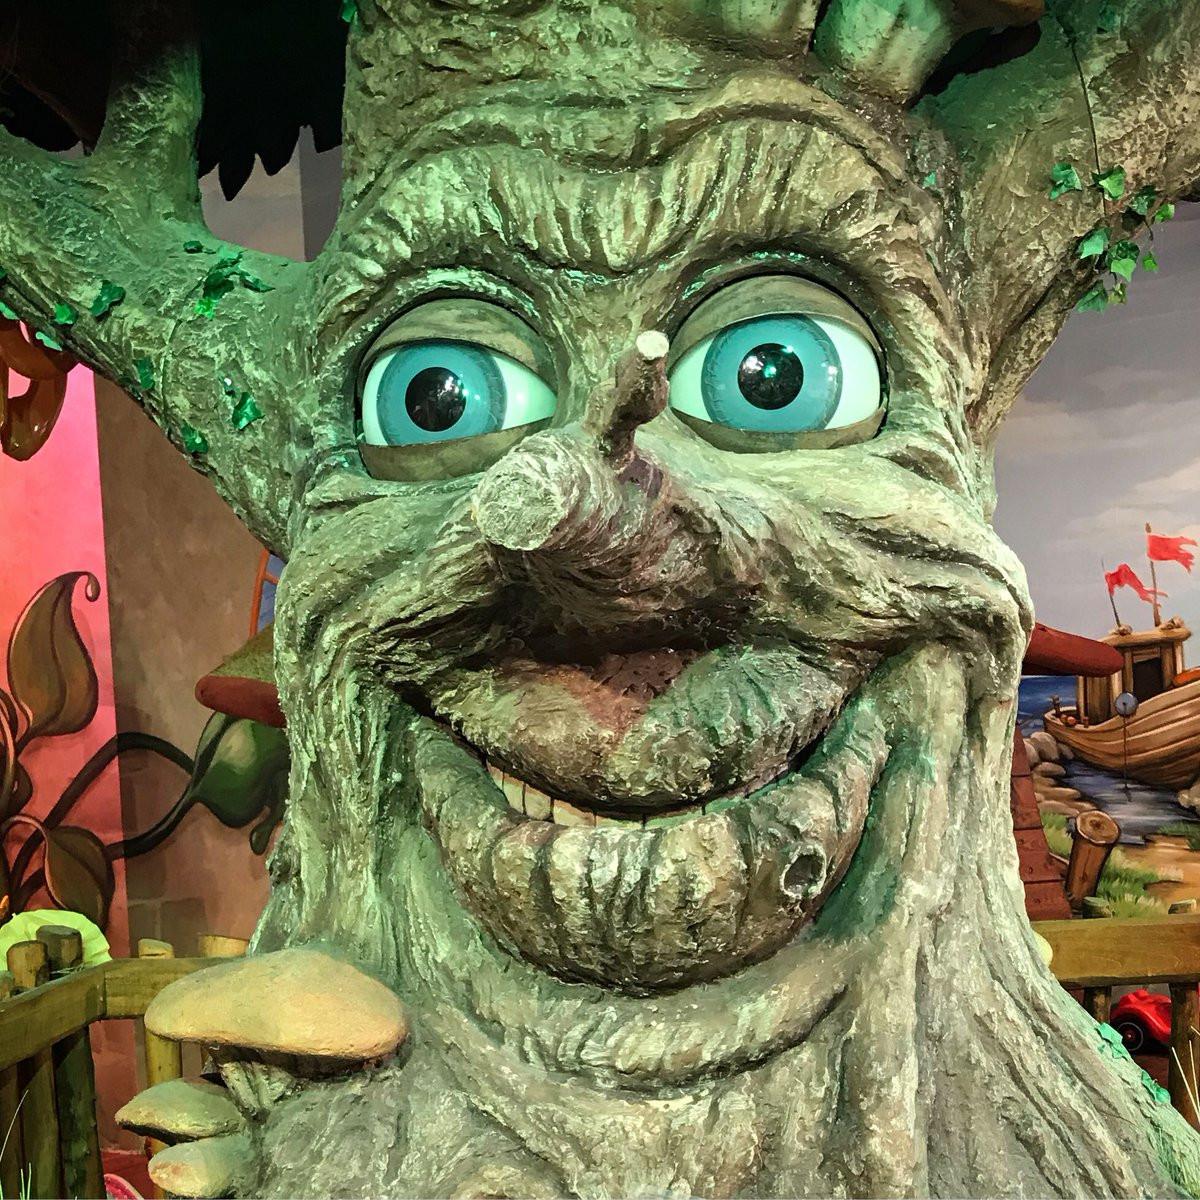 Böse Monster Ausmalbilder Frisch Wowplaces Travelblog Wowplacesde Galerie